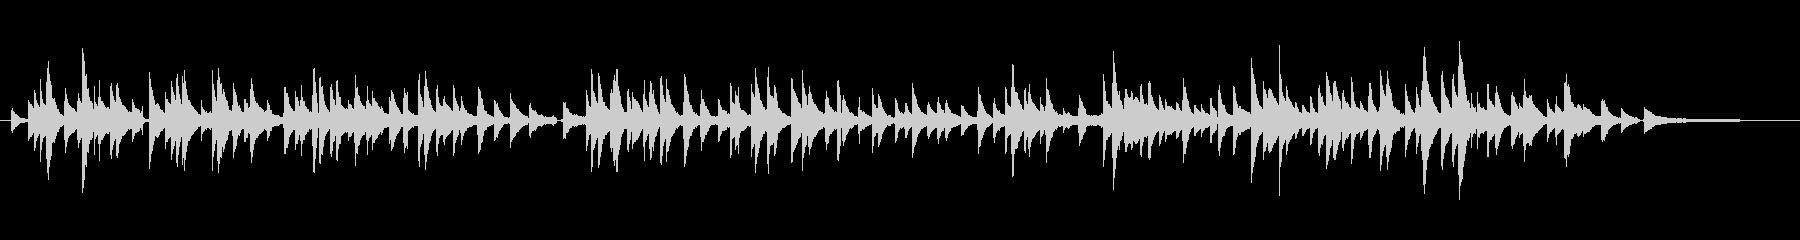 生ピアノソロ・Solemnの未再生の波形